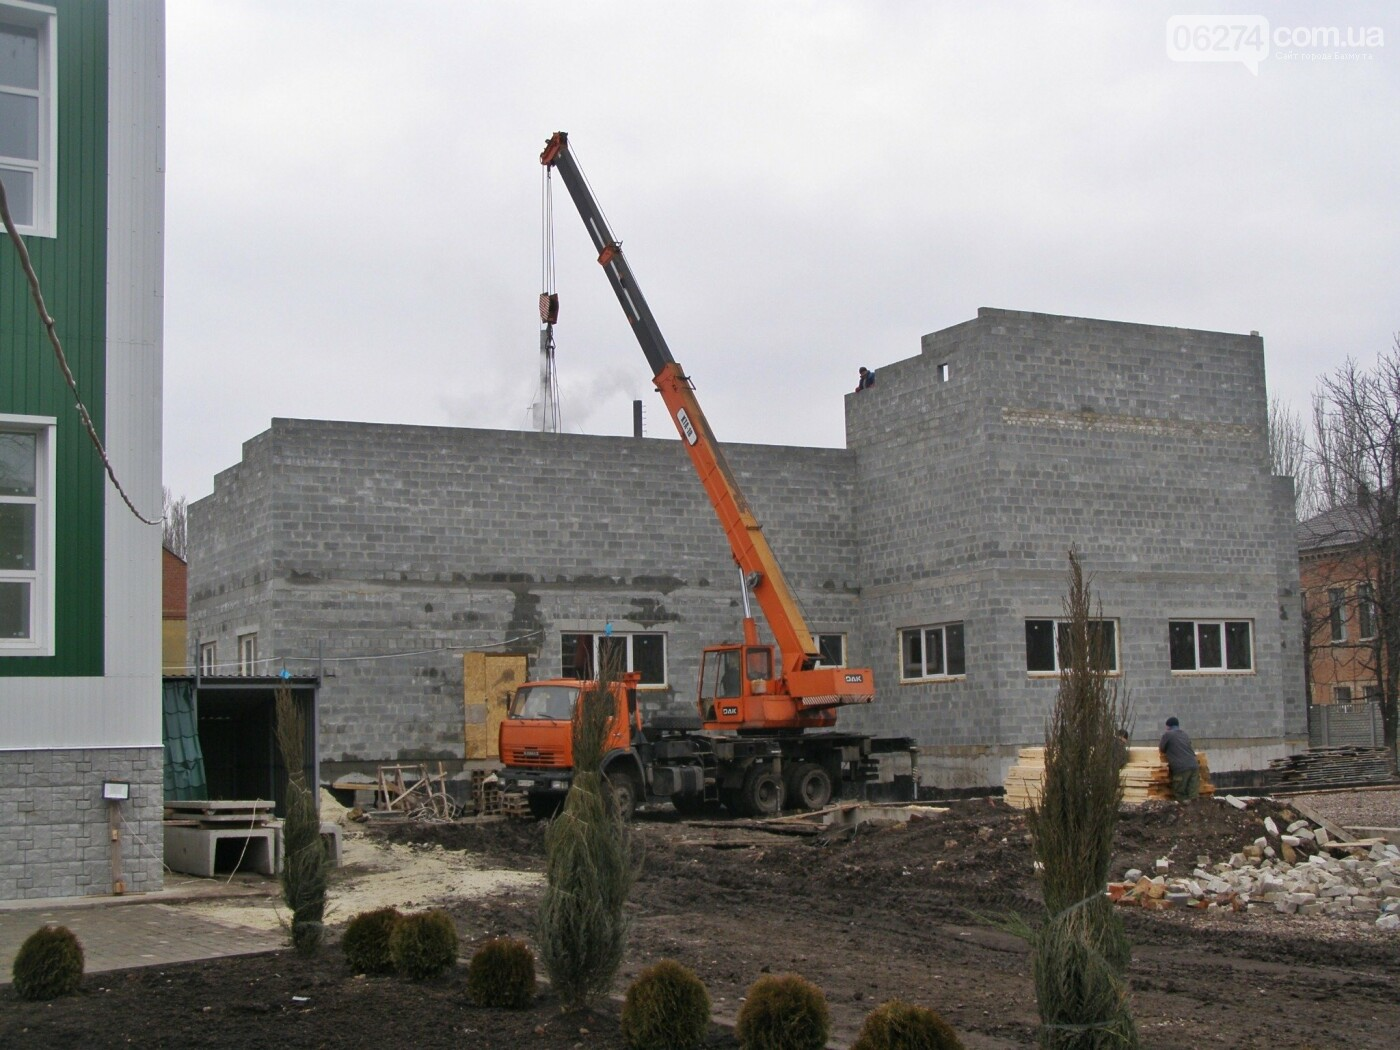 Во врачебно-физкультурном диспансере в Бахмуте завершена реконструкция главного корпуса и общежития, фото-17